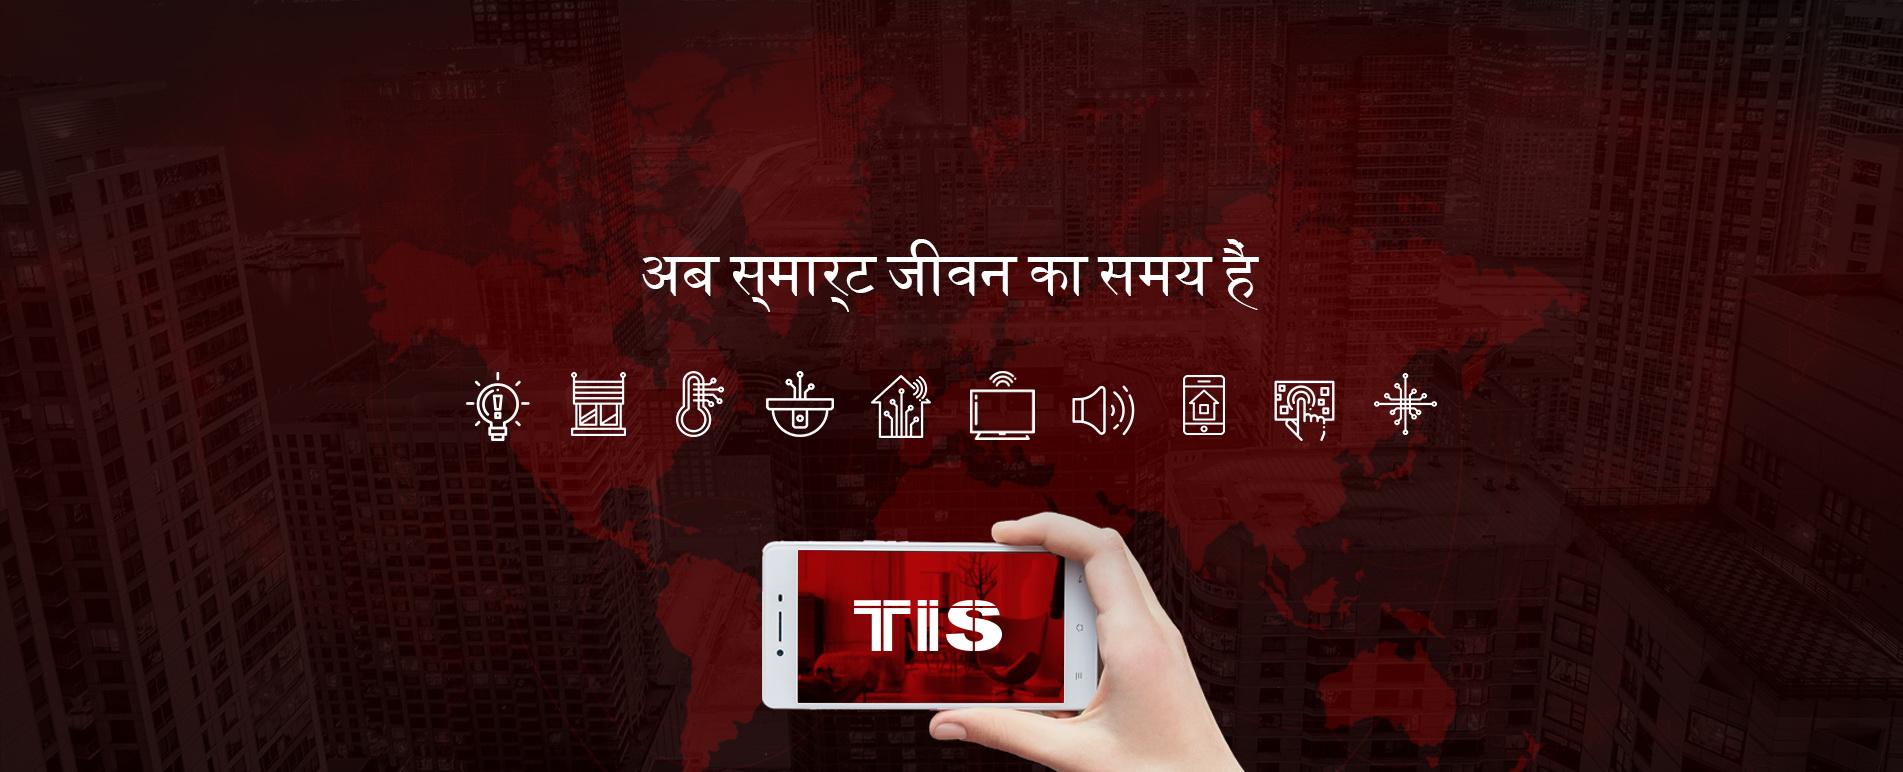 TIS स्मार्ट फ्री एप्स– अपने रूम को दूर से नियंत्रित करें